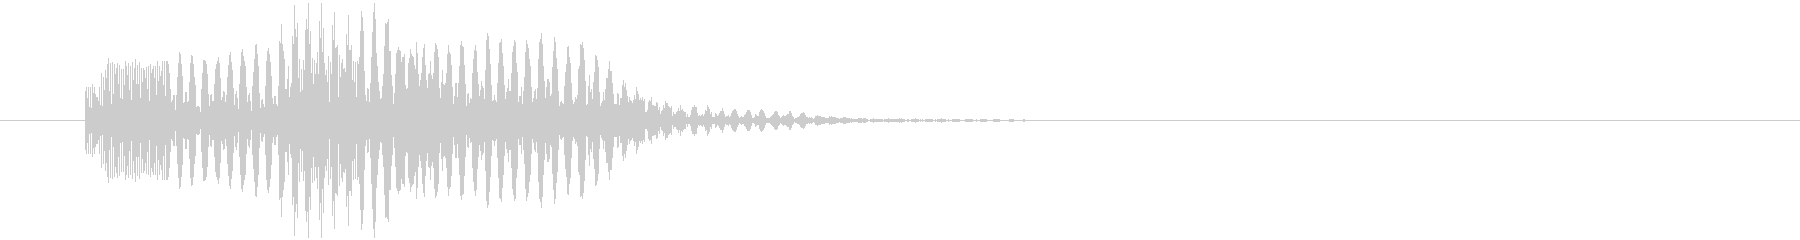 サイコ系の魔法発射の未再生の波形